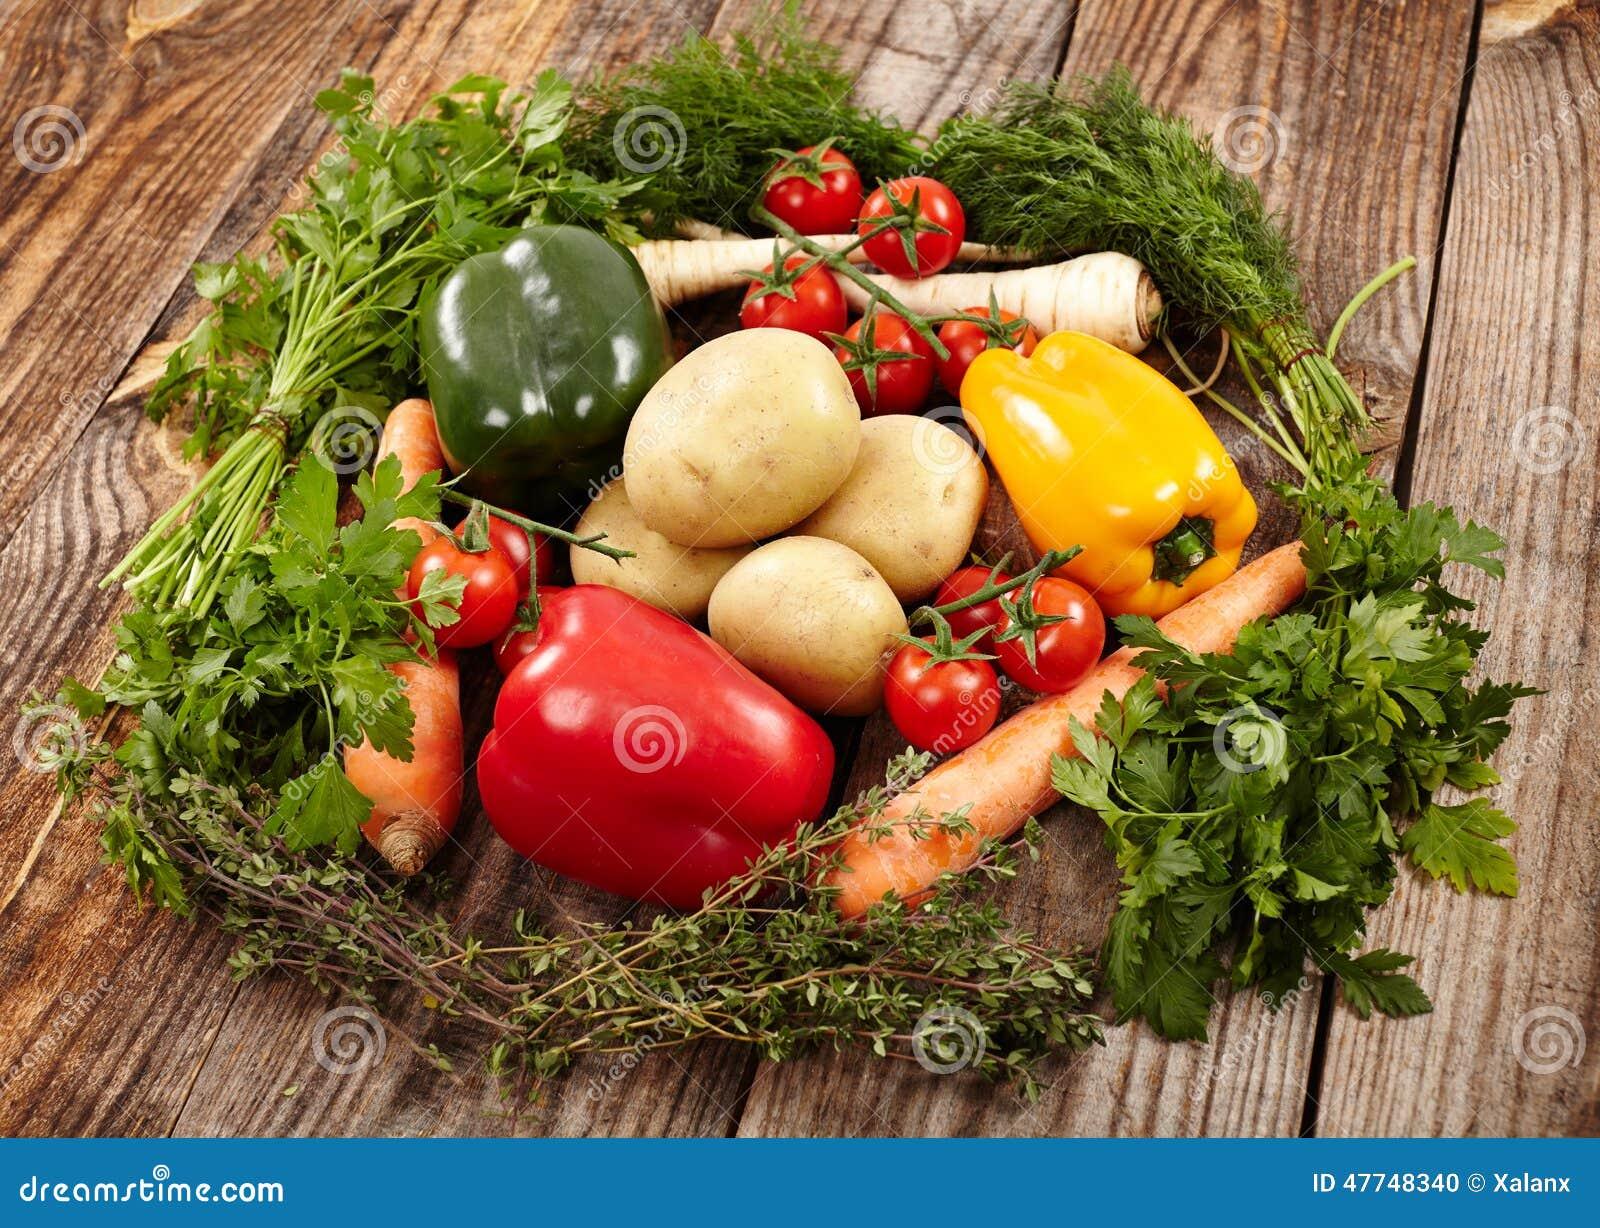 与巢的有机饮食概念草本围拢的由新鲜蔬菜做成.